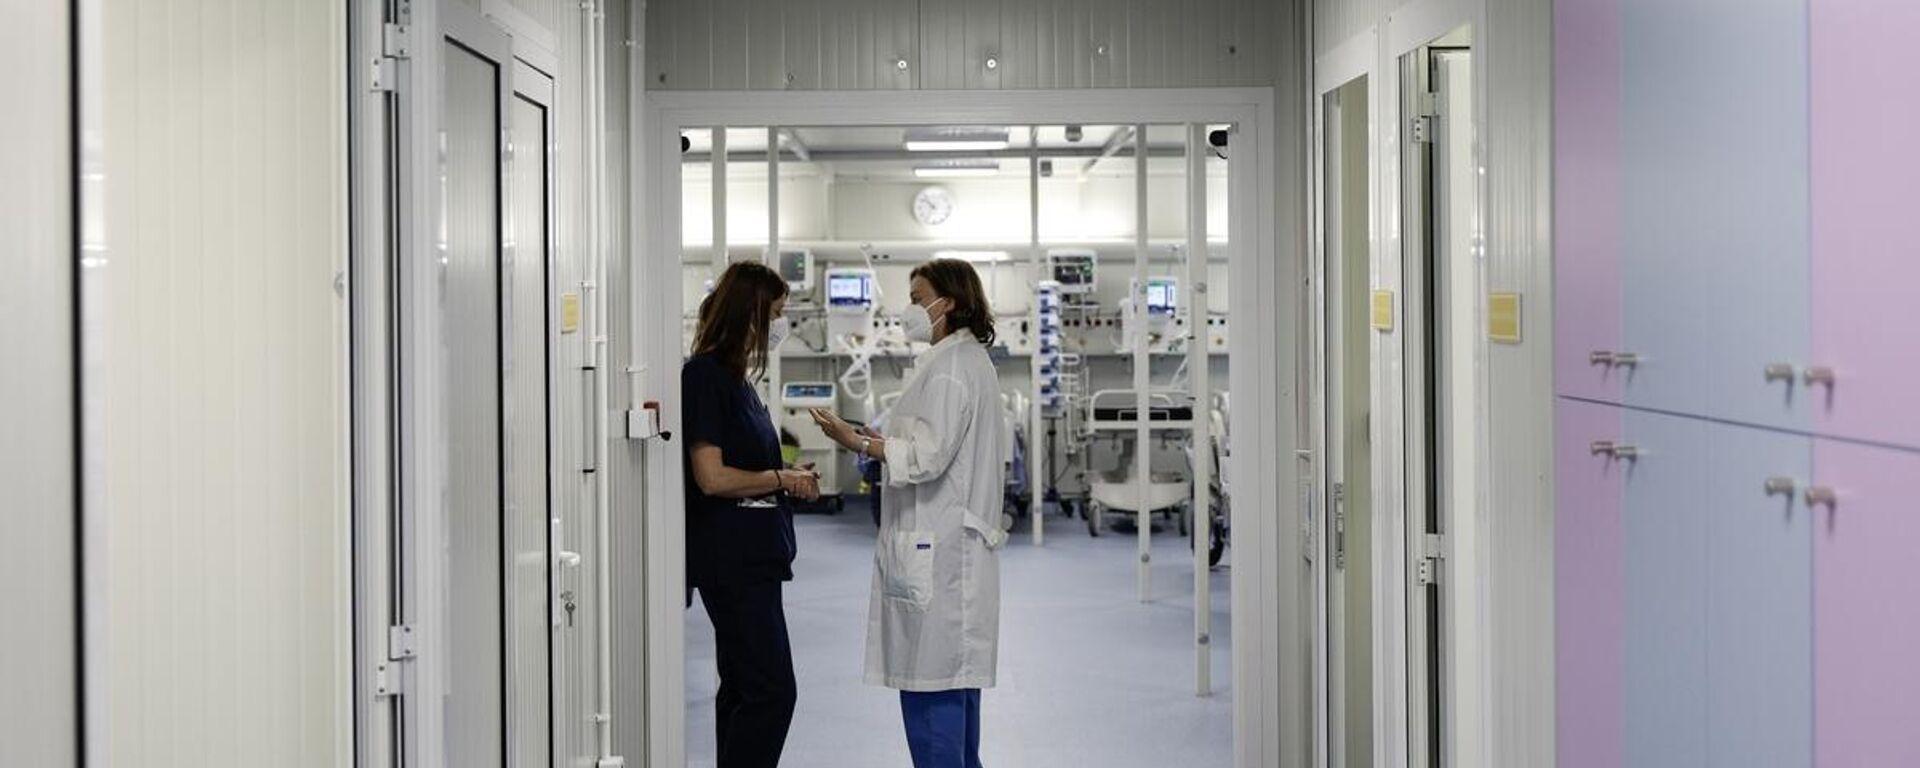 Νοσοκομείο Παπανικολάου στη Θεσσαλονίκη - Sputnik Ελλάδα, 1920, 10.09.2021